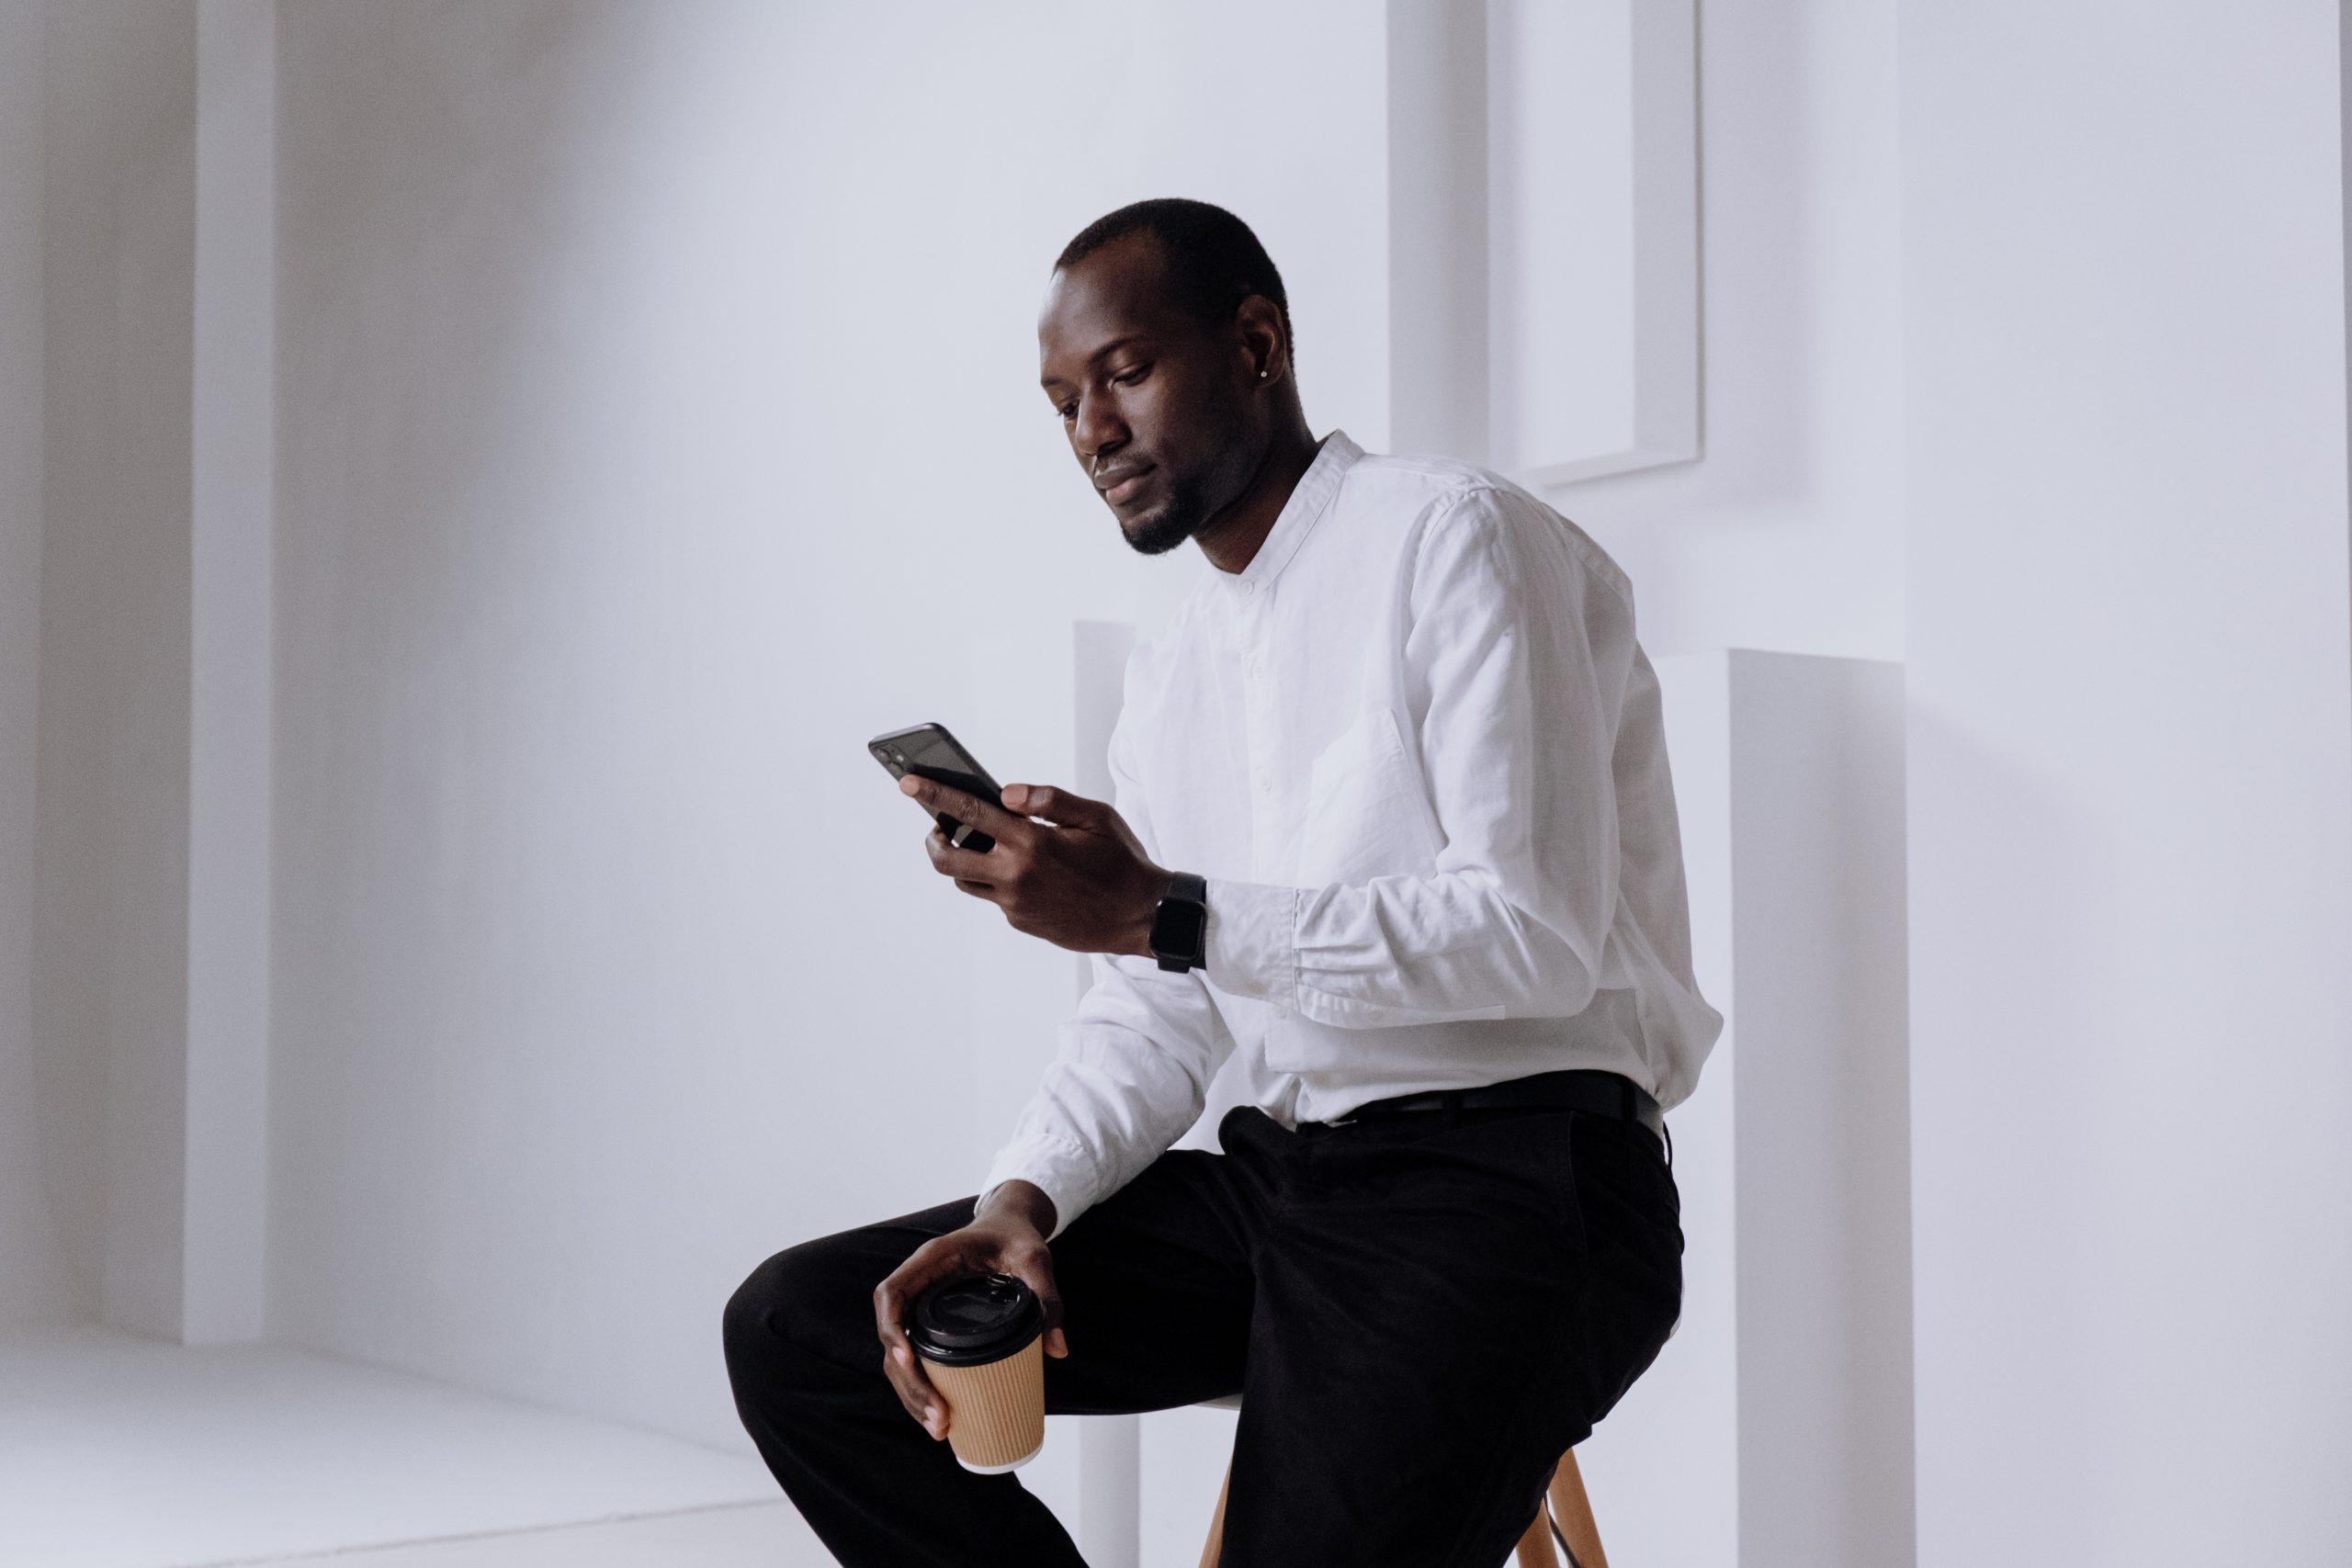 Imagem de um homem navegando em seu smartphone.